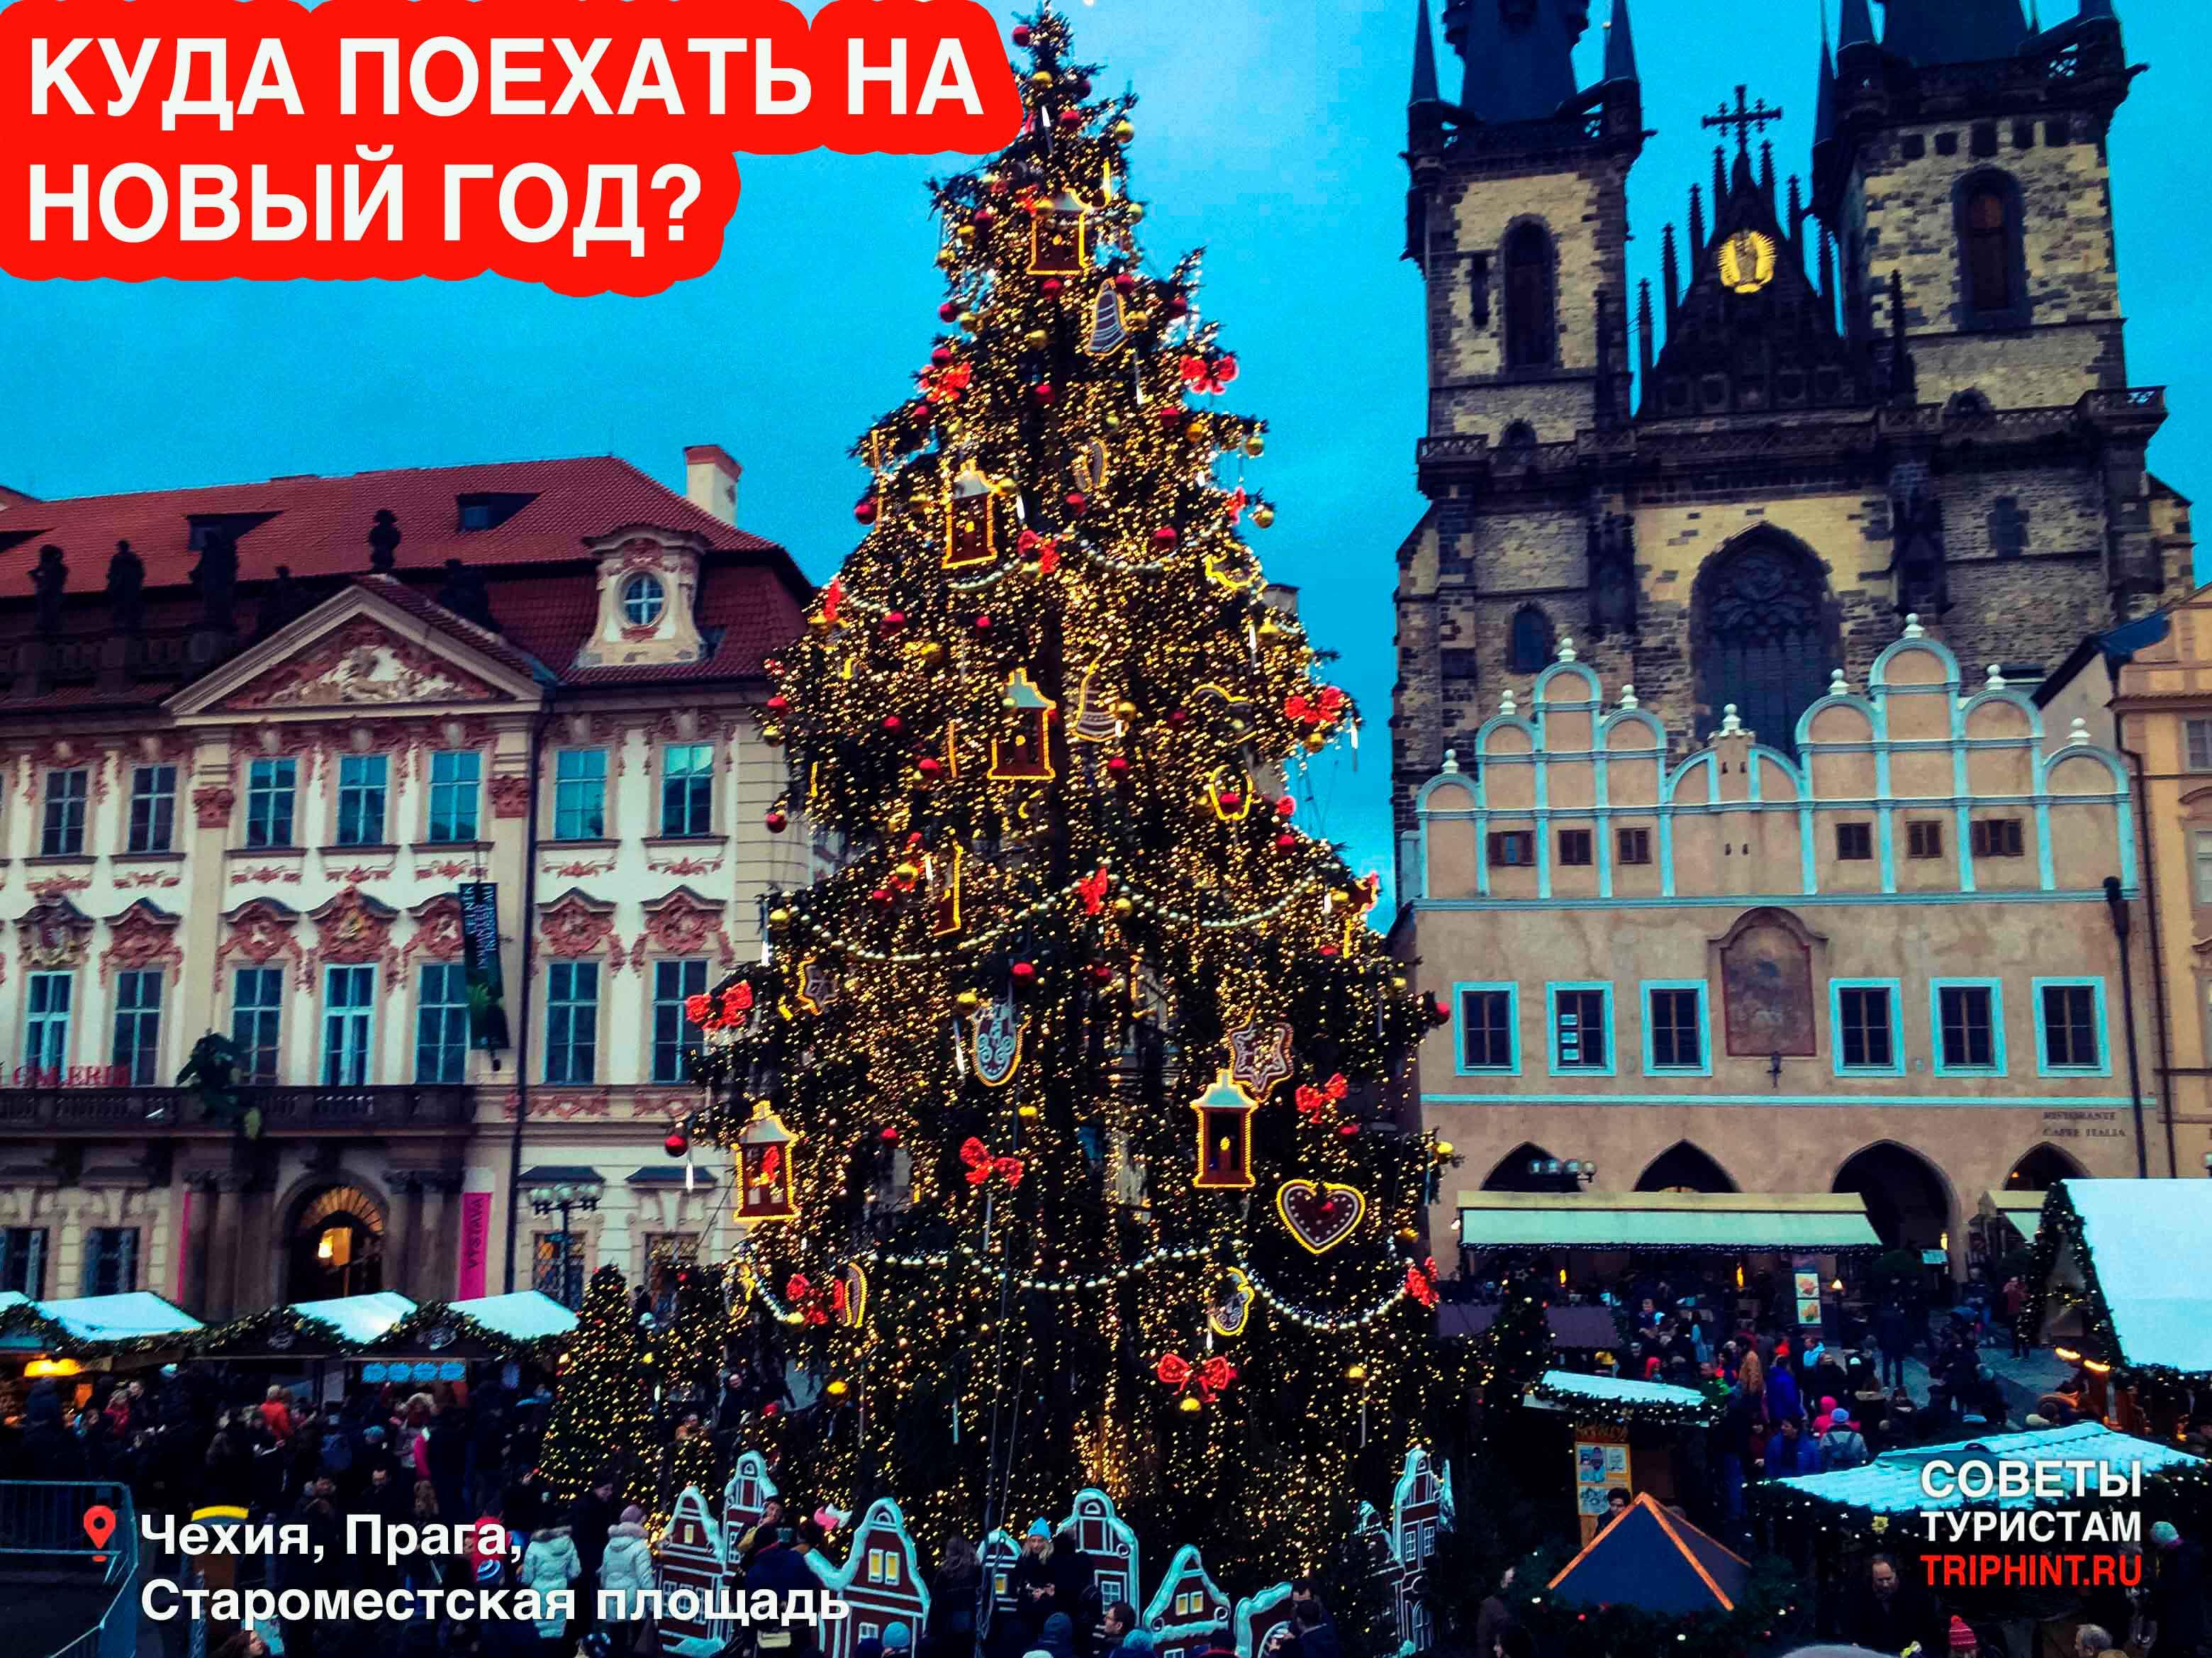 Отдых в новый год в Чехии (Прага, Староместская площадь)